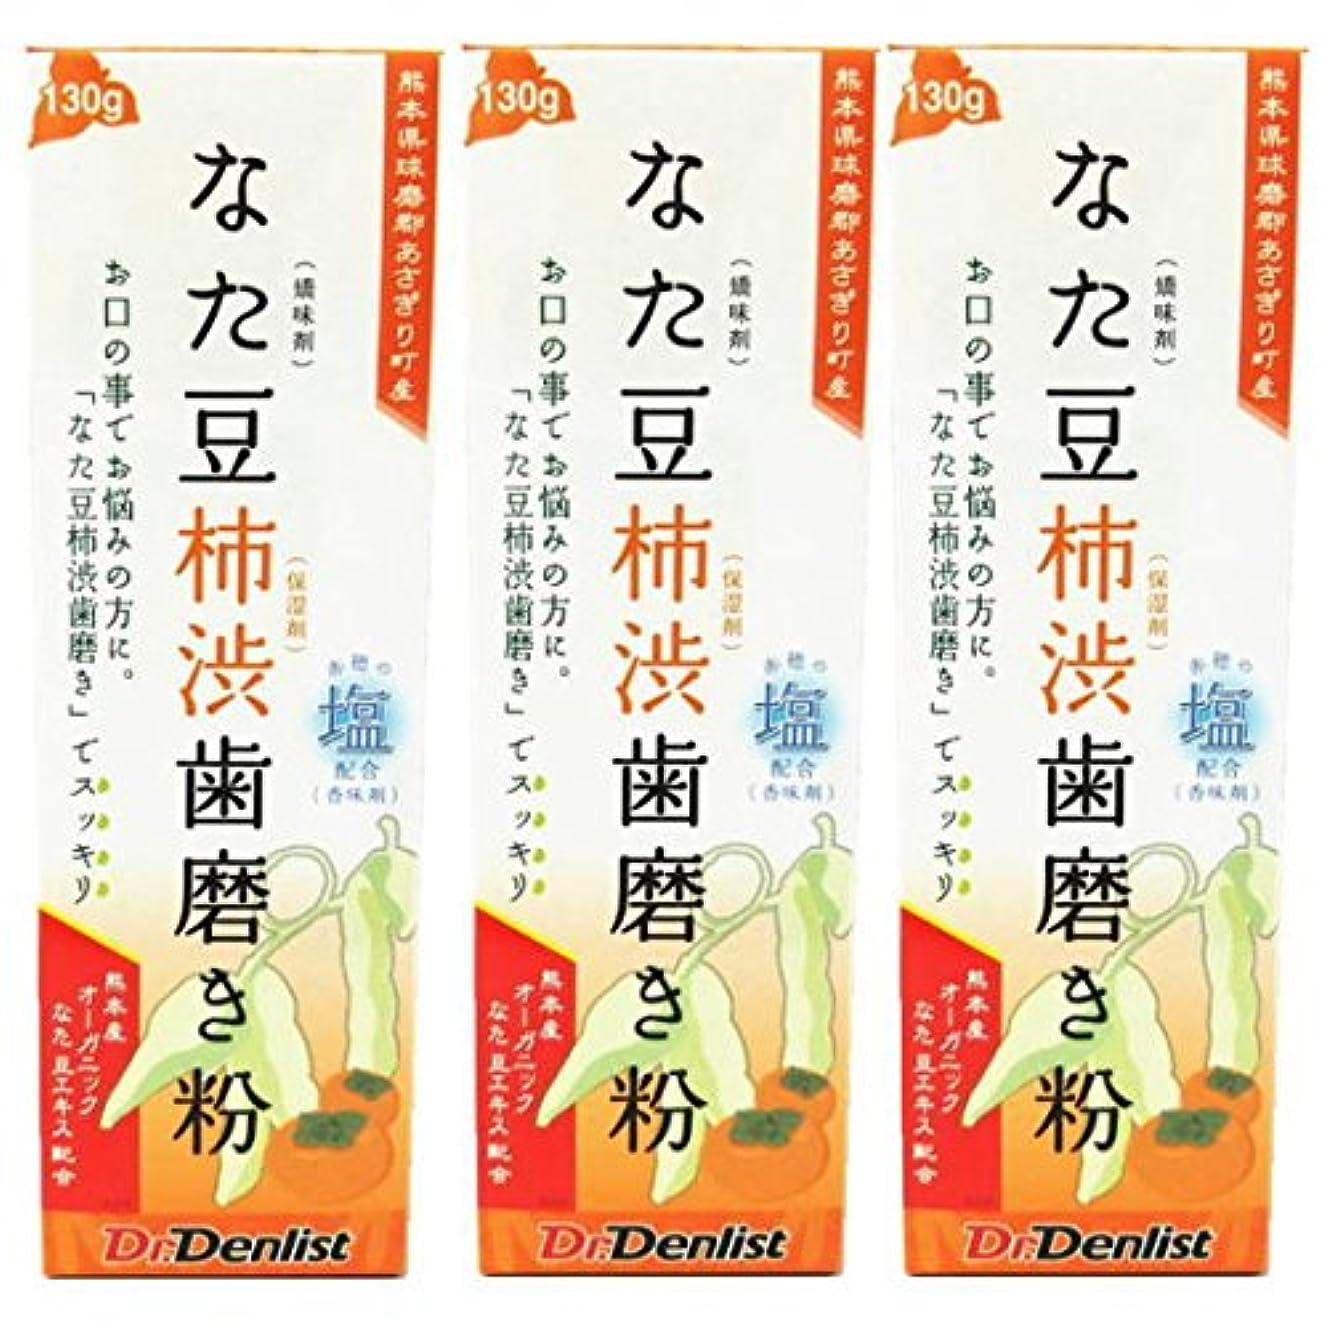 概念稼ぐ曲なた豆柿渋歯磨き 130g 3個セット 国産 有機なた豆使用 赤穂の塩配合(香味剤)